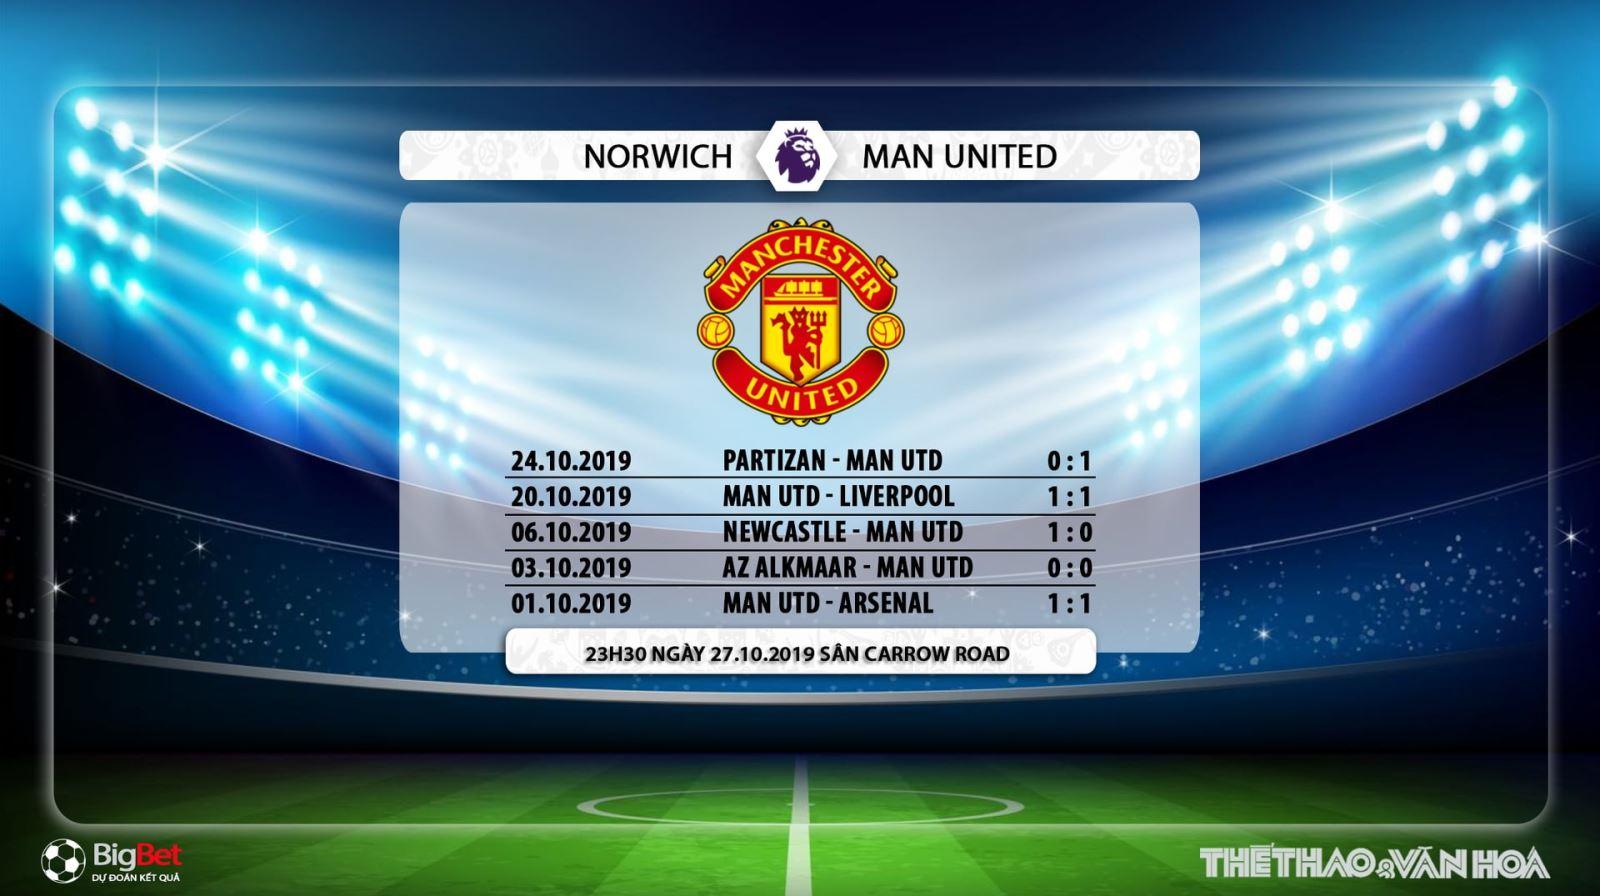 soi kèo bóng đá, Norwich vs MU, truc tiep bong da hôm nay,Norwich đấu với MU, trực tiếp bóng đá, K+, K+PM, K+PC, xem bóng đá trực tuyến, bóng đá